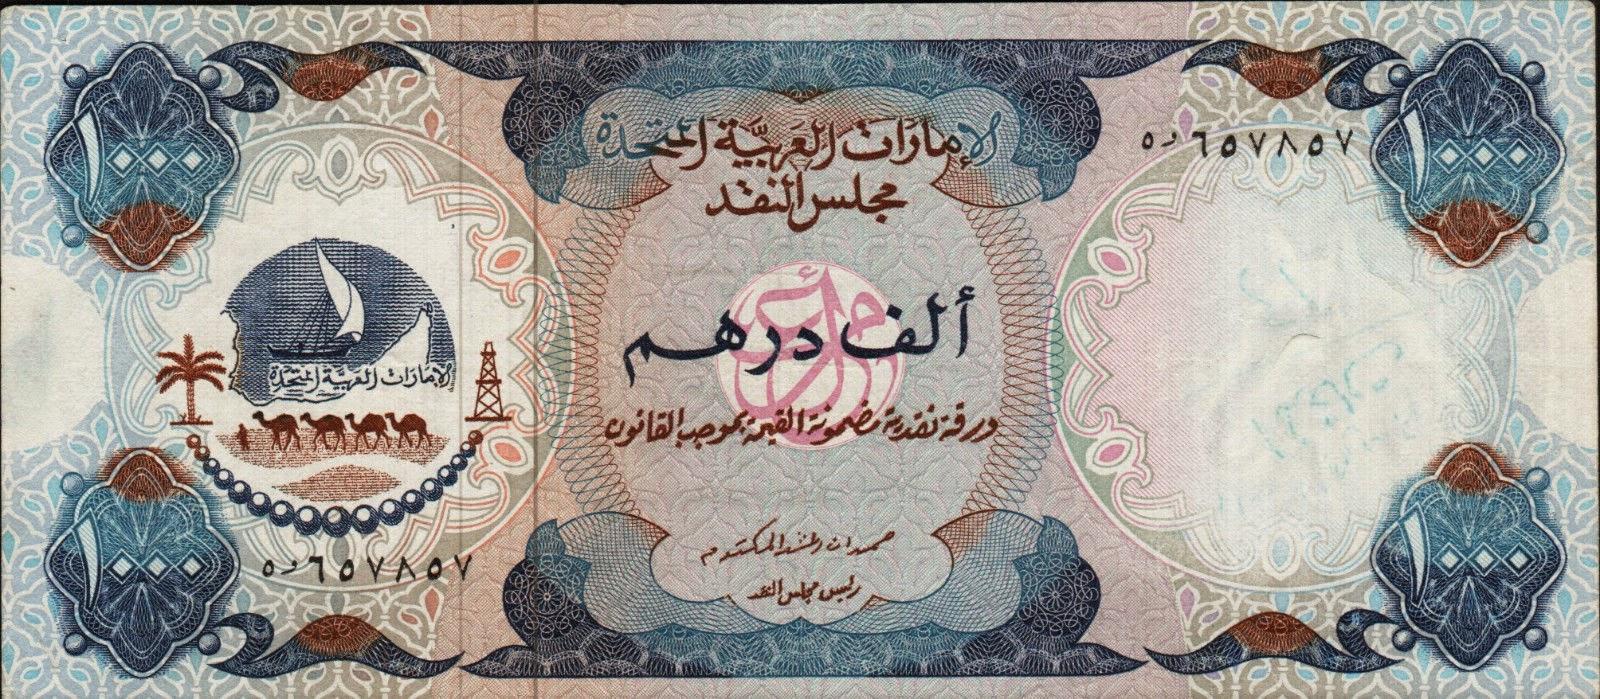 United Arab Emirates Banknotes 1000 Dirham note 1973